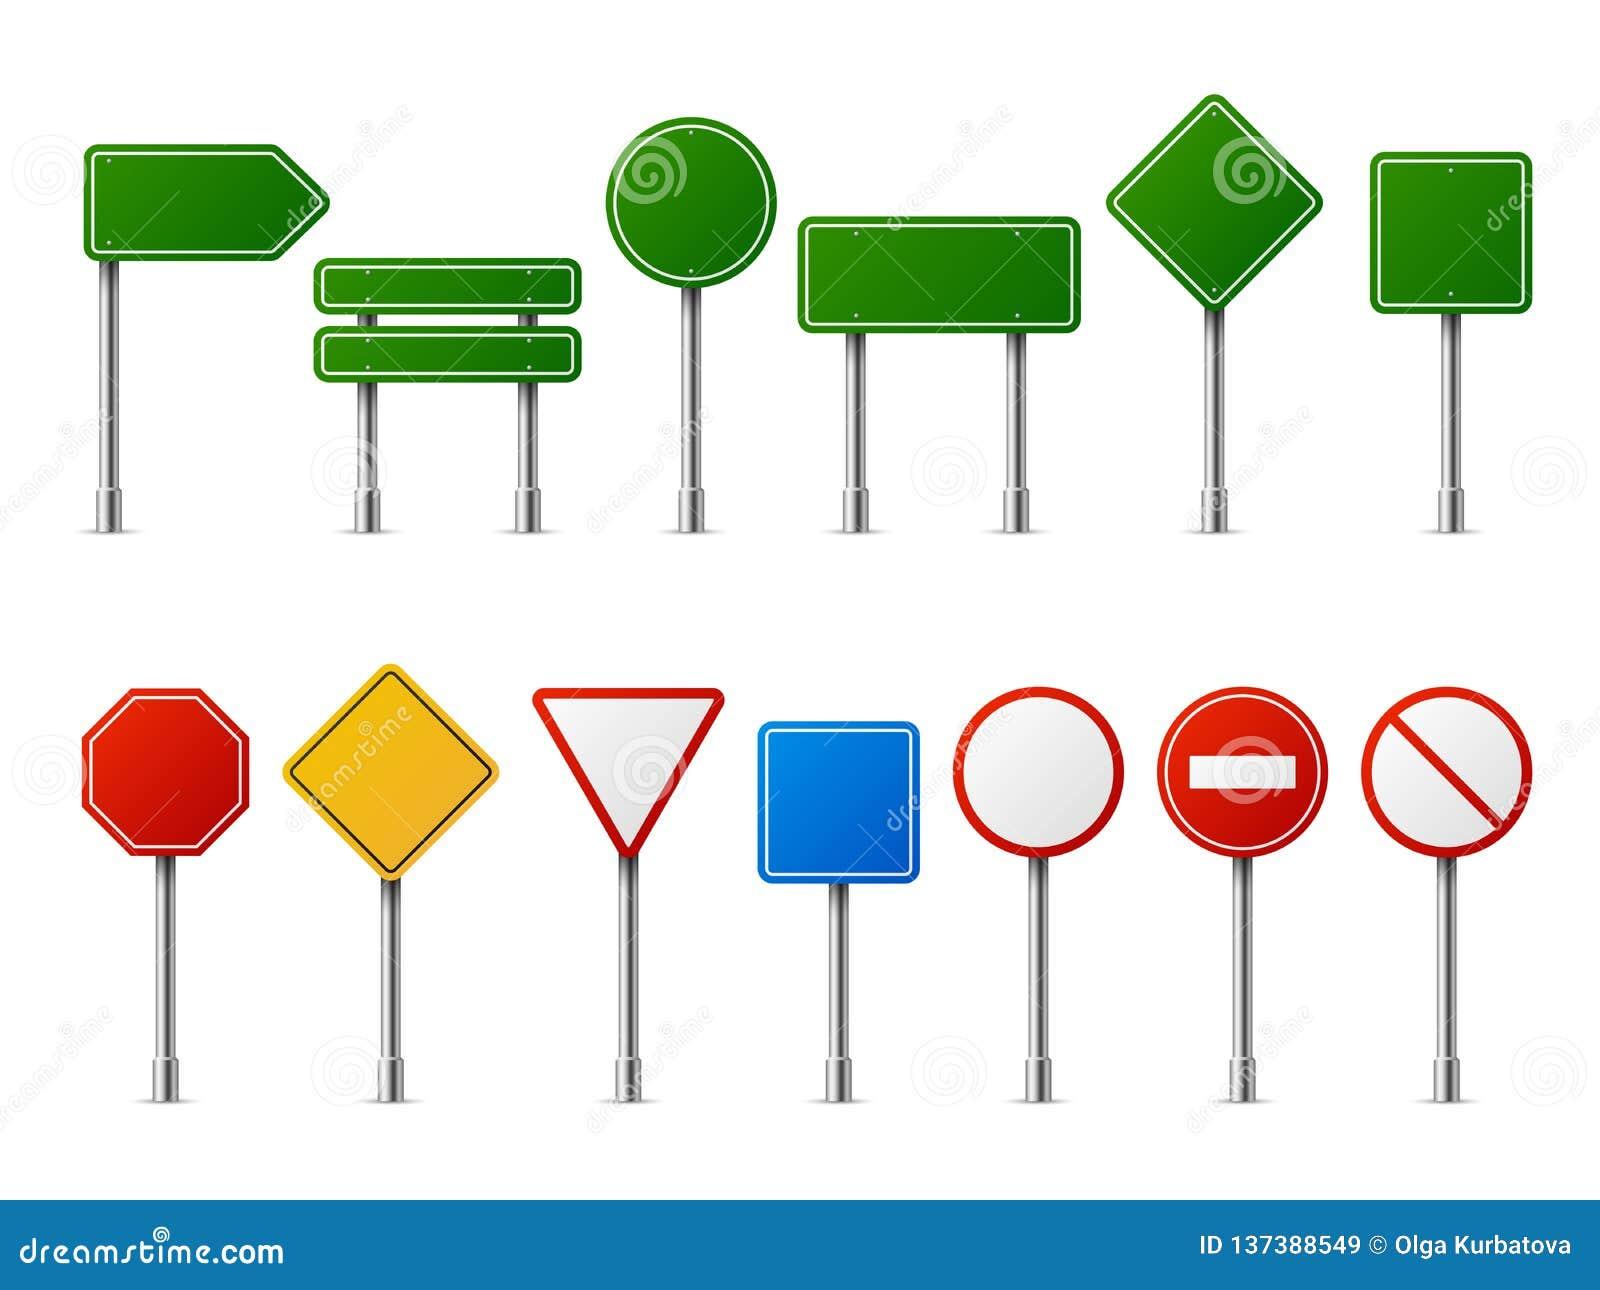 Οδικά ρεαλιστικά σημάδια κυκλοφορίας Κενός πίνακας οδών χώρων στάθμευσης εθνικών οδών ταχύτητας προσοχής κινδύνου στάσεων προειδο